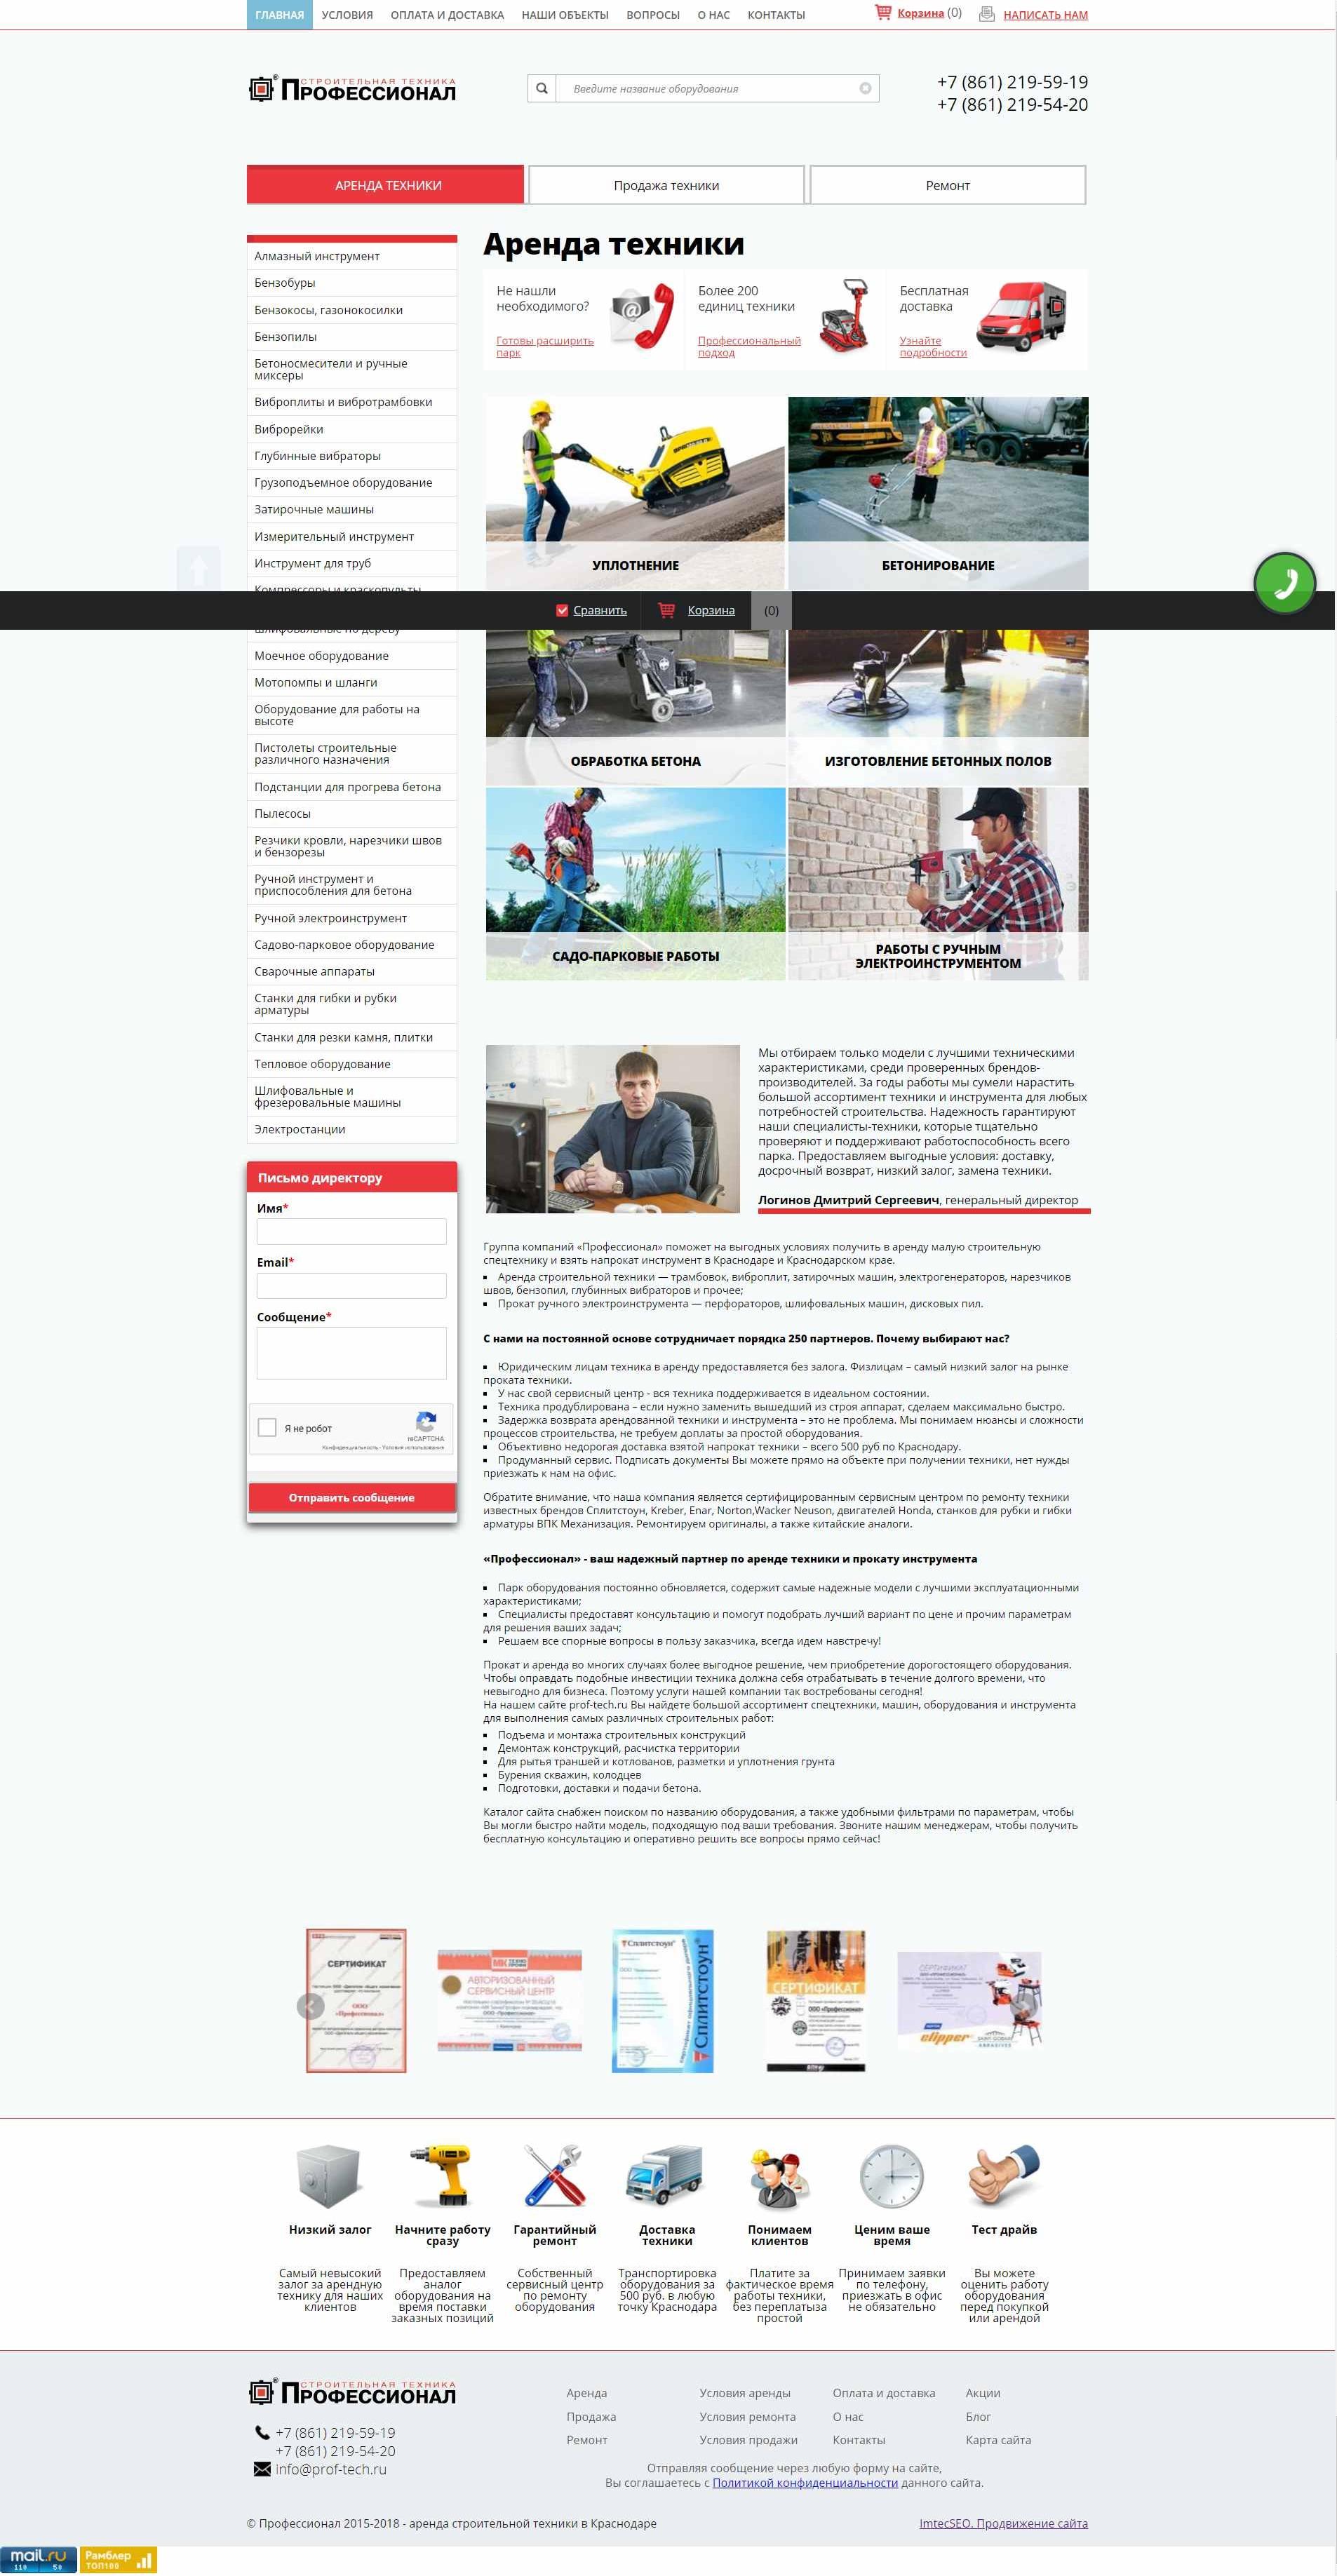 screenshot-prof-tech-ruhttps-prof-tech-ru